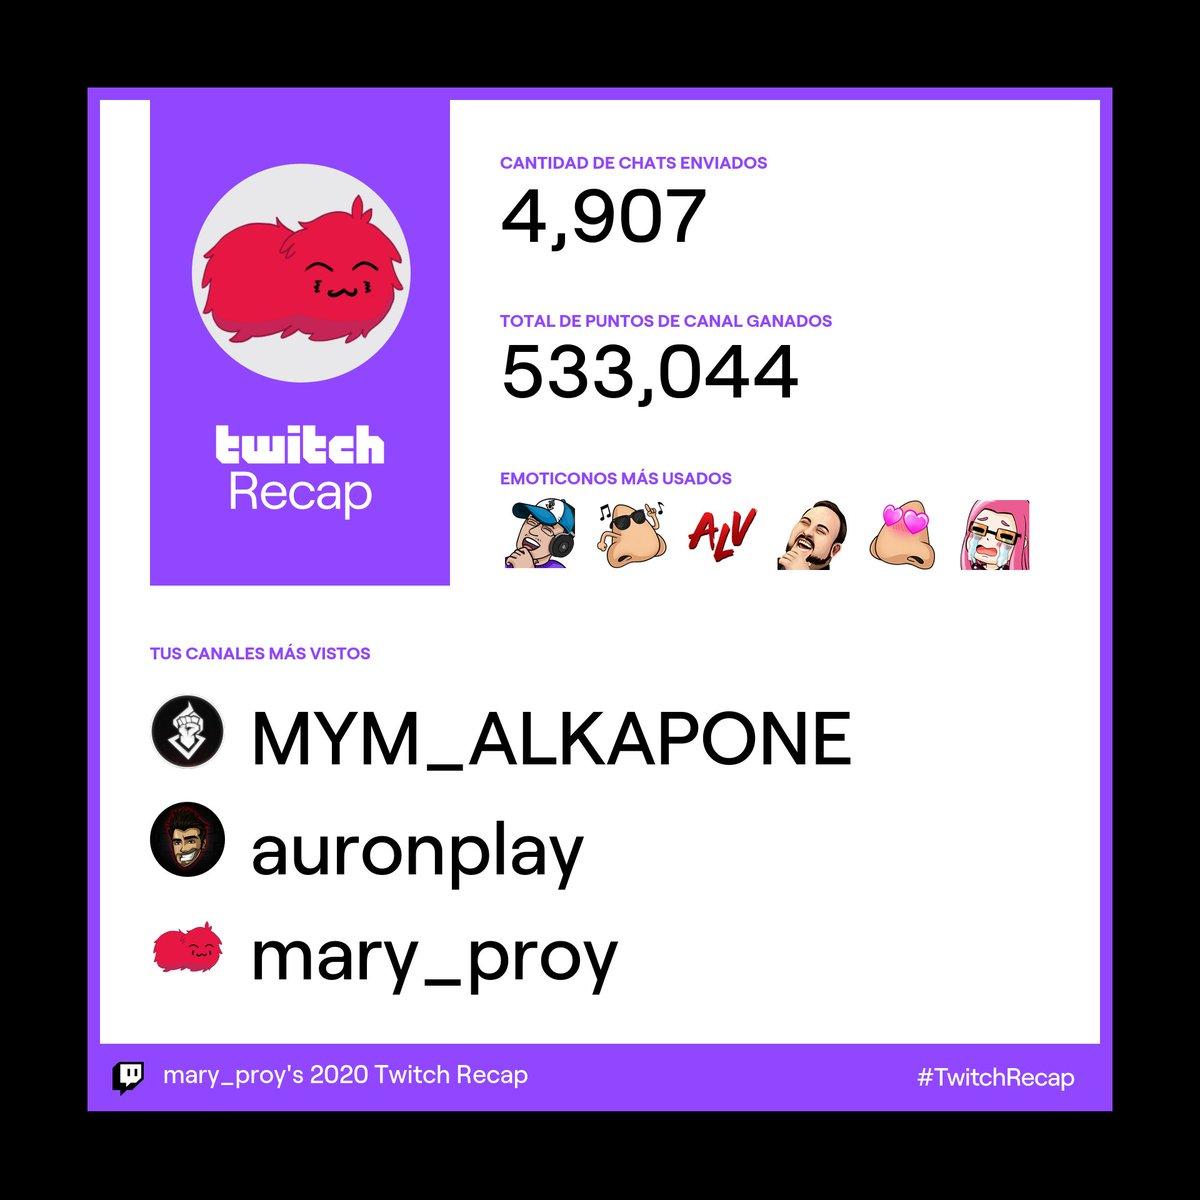 No es la gran cosa pero igual quería compartirlo jaja 😌 Ante todo el patrón 💪🏻 @MYMALK4PON3 #TwitchRecap